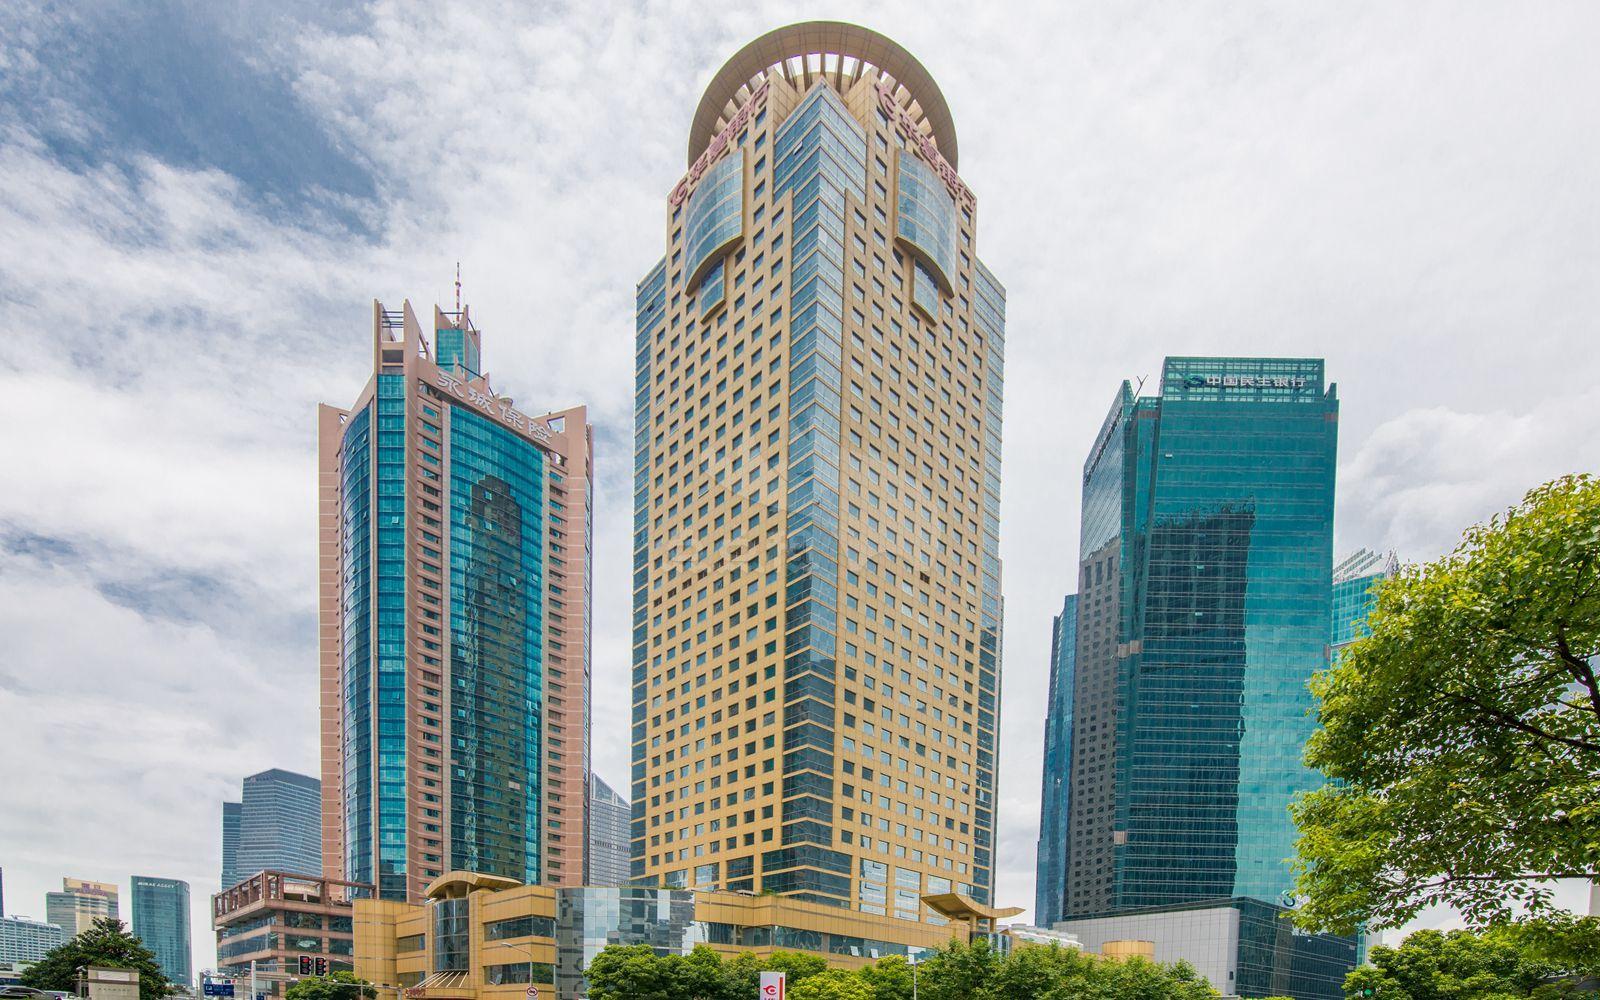 华夏银行大厦